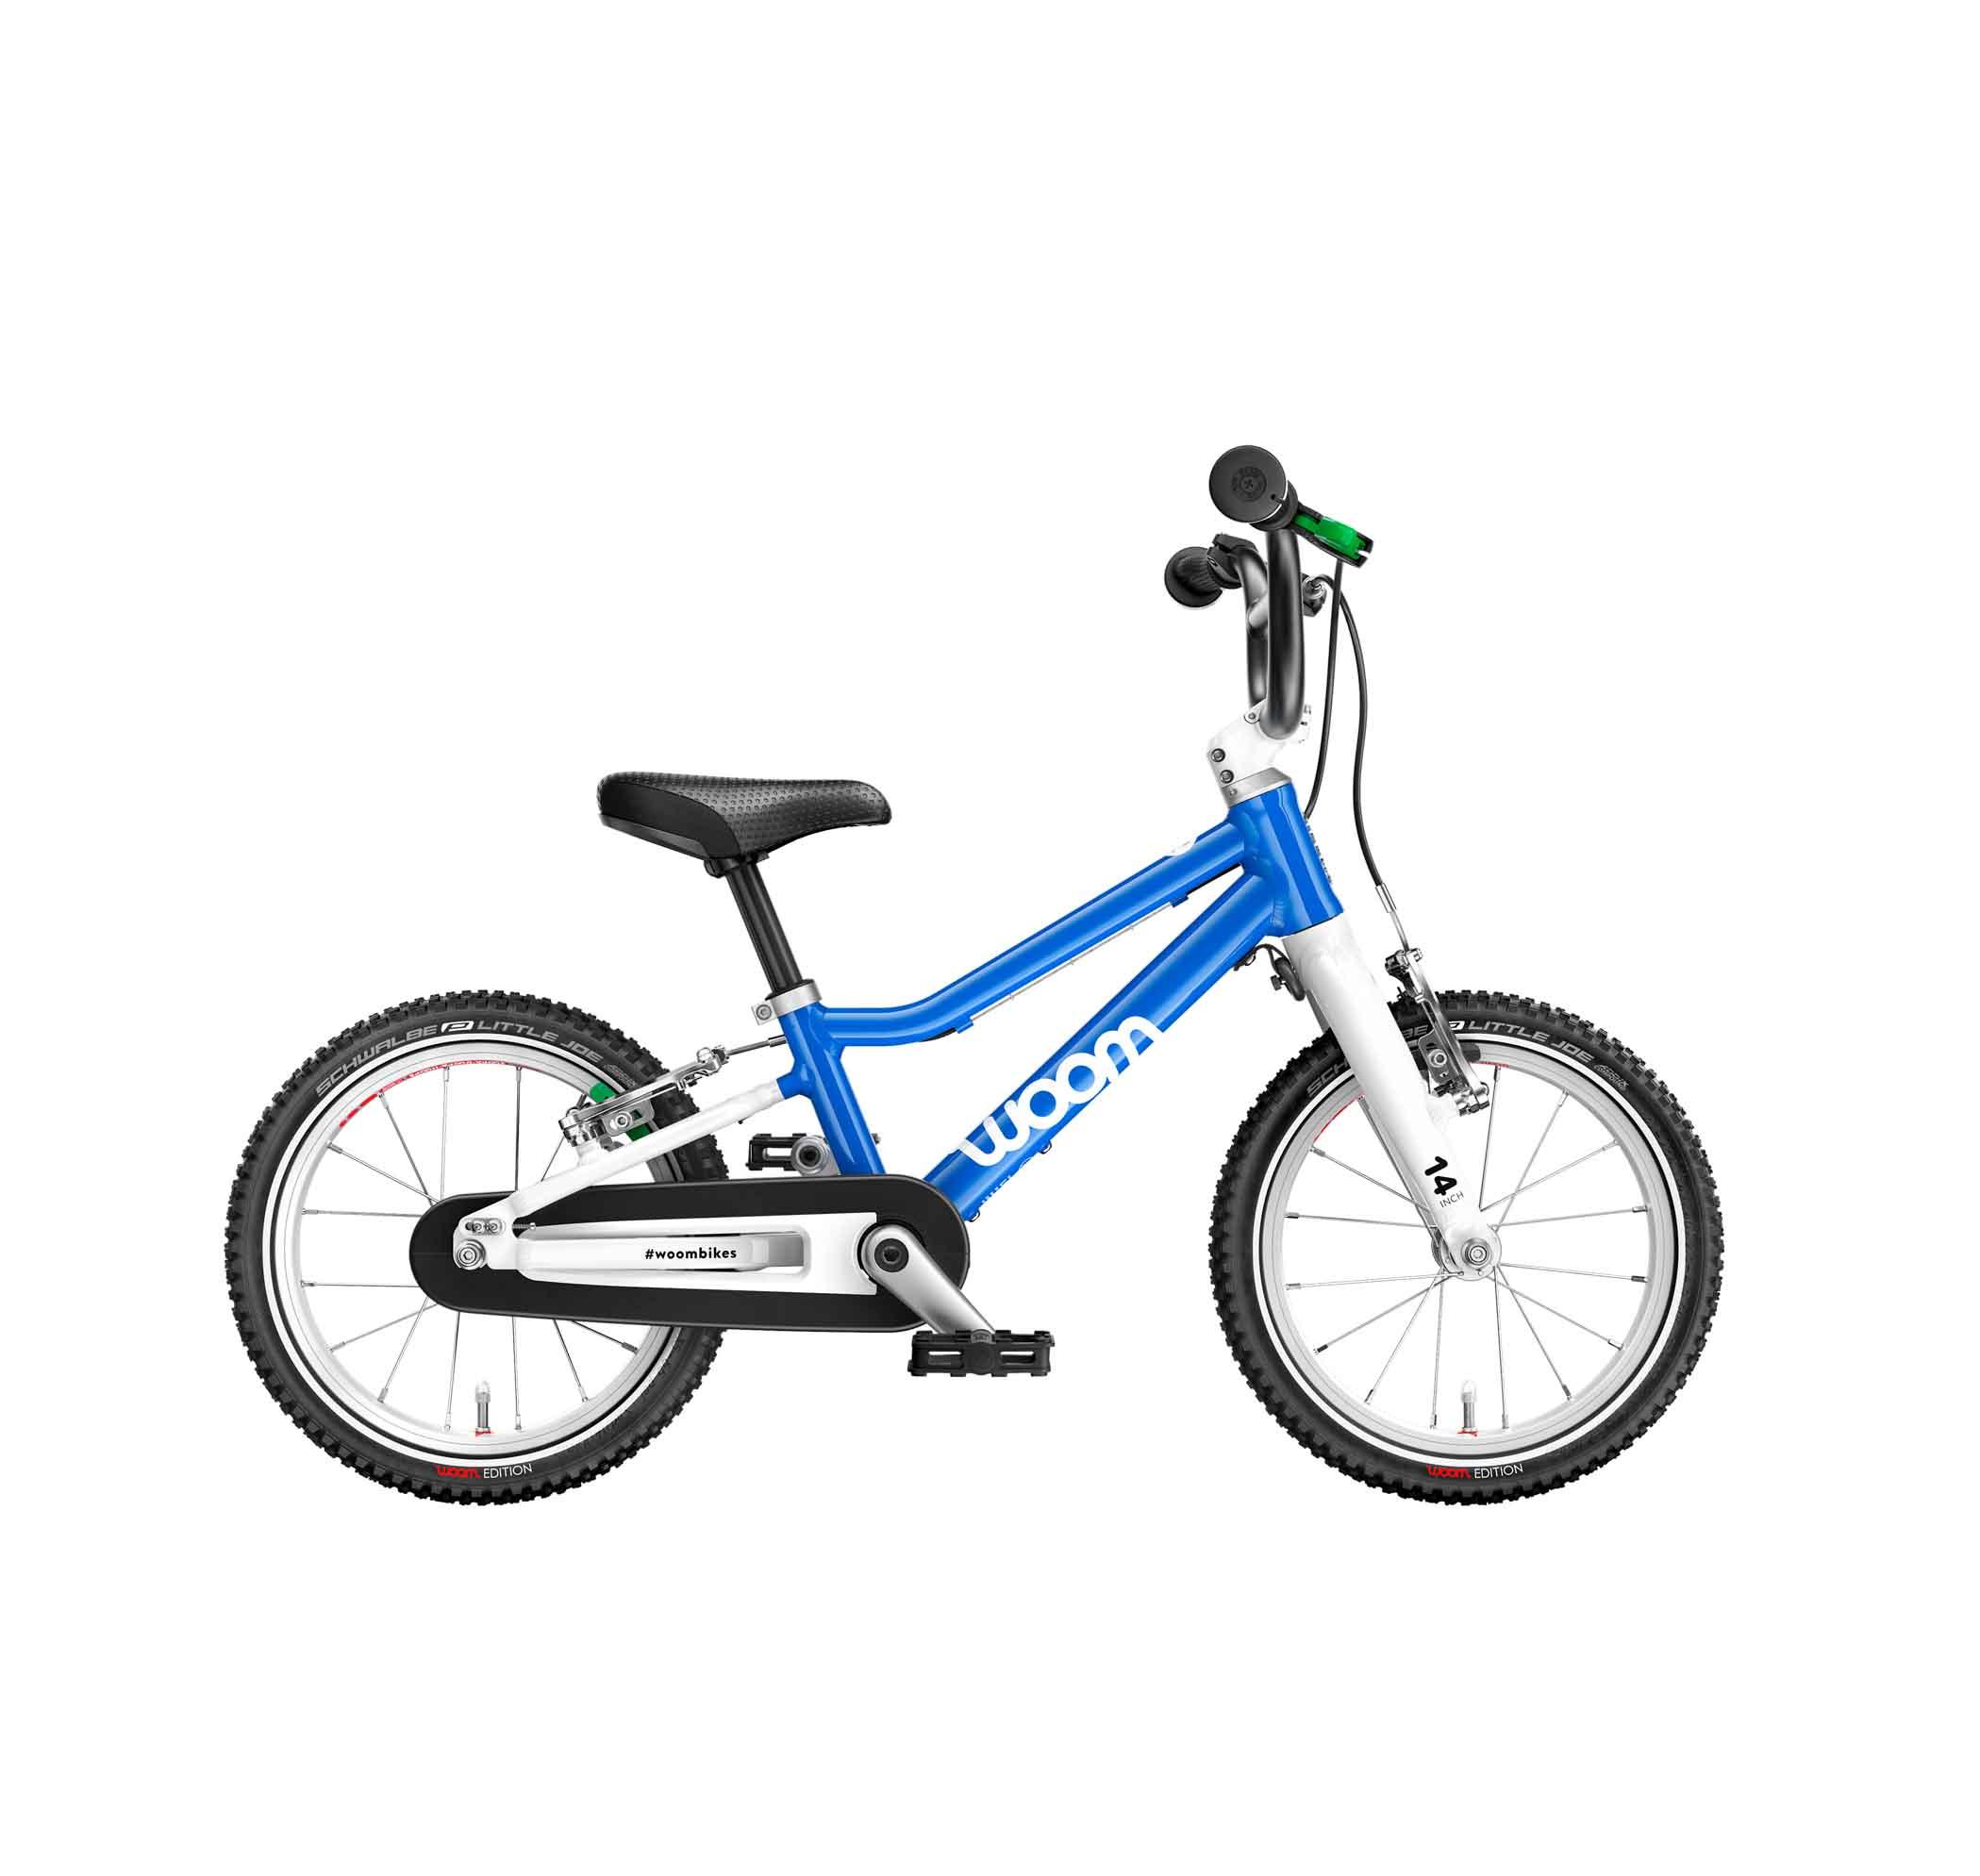 Woom_Rodeo_Bike_Woom_2_Blue